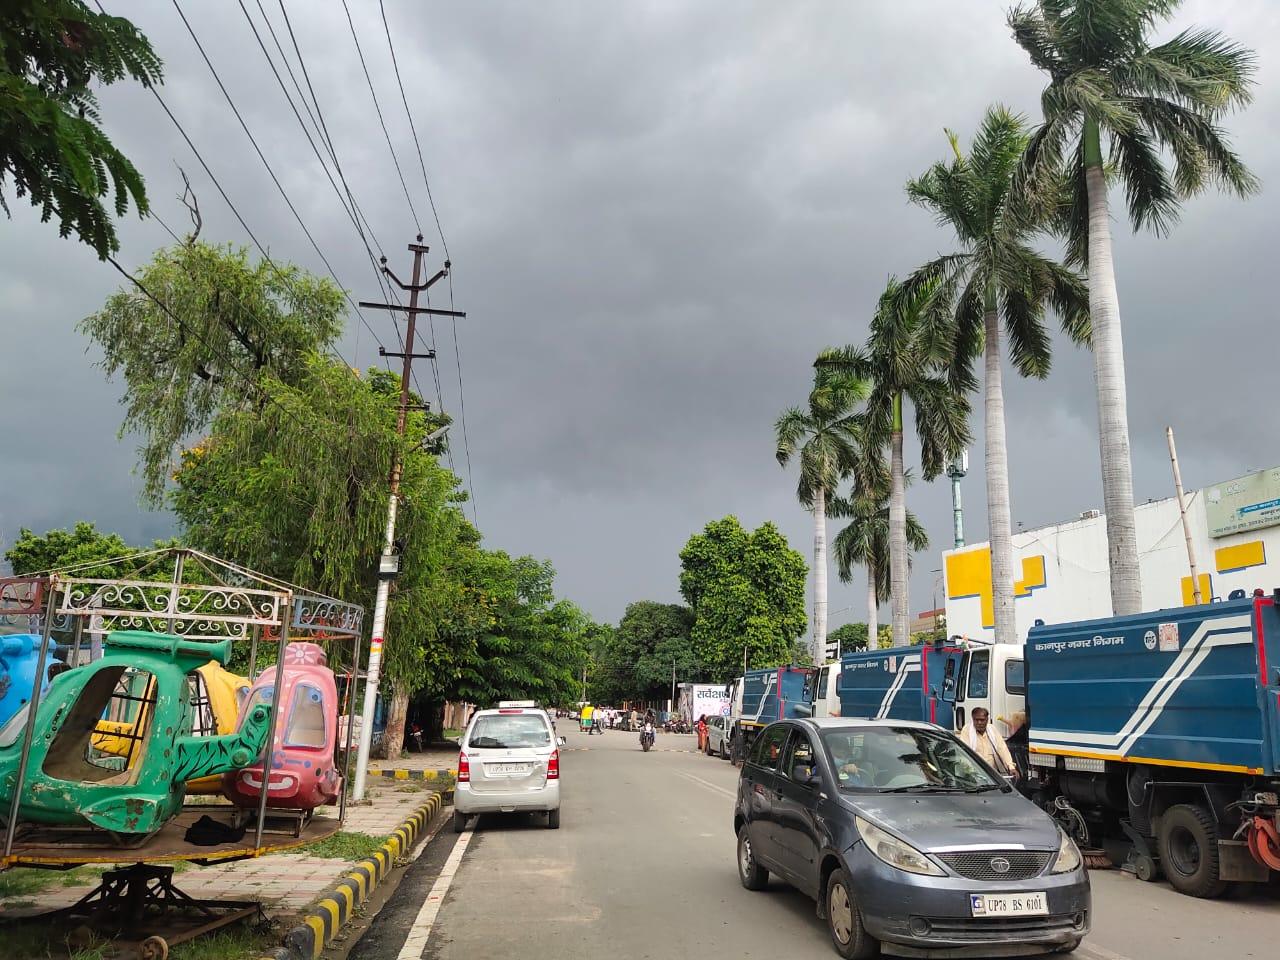 घने बादलों ने कराई बारिश। तेज हवाओं और बारिश की बूंदों ने गर्मी को किया छूमंतर। - Dainik Bhaskar